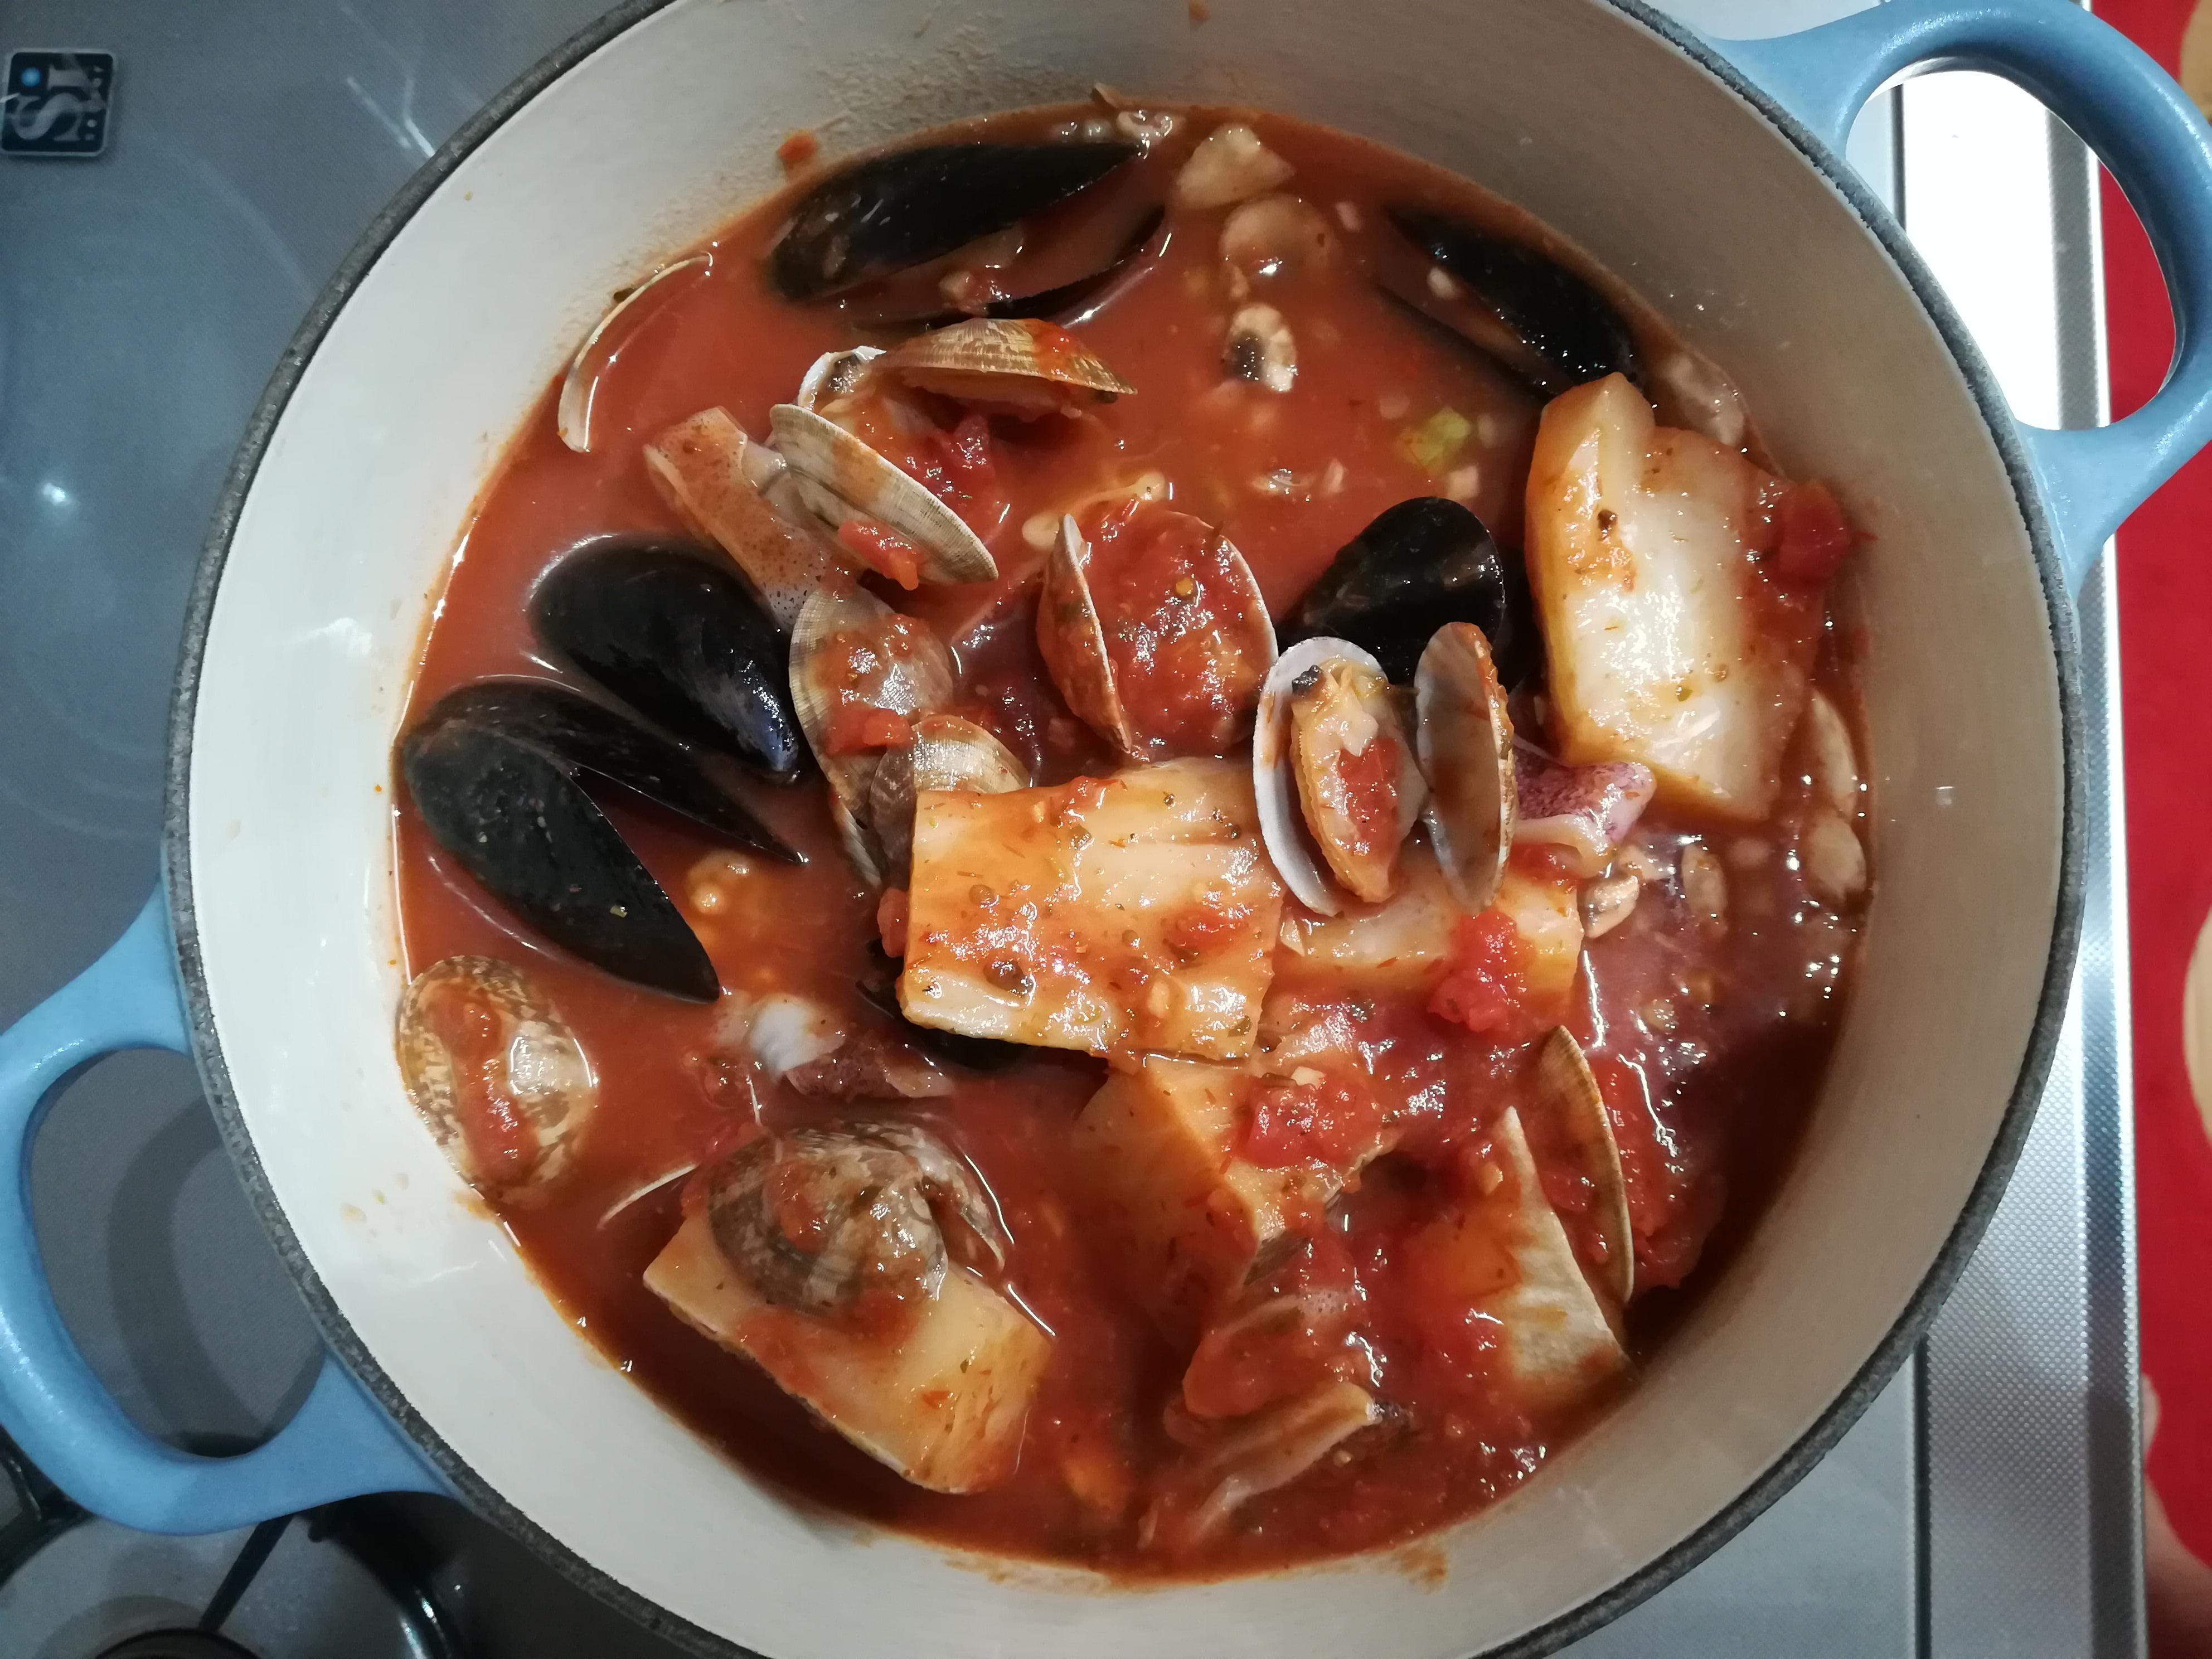 コストコのチョッピーノスープ鍋にスープを移す